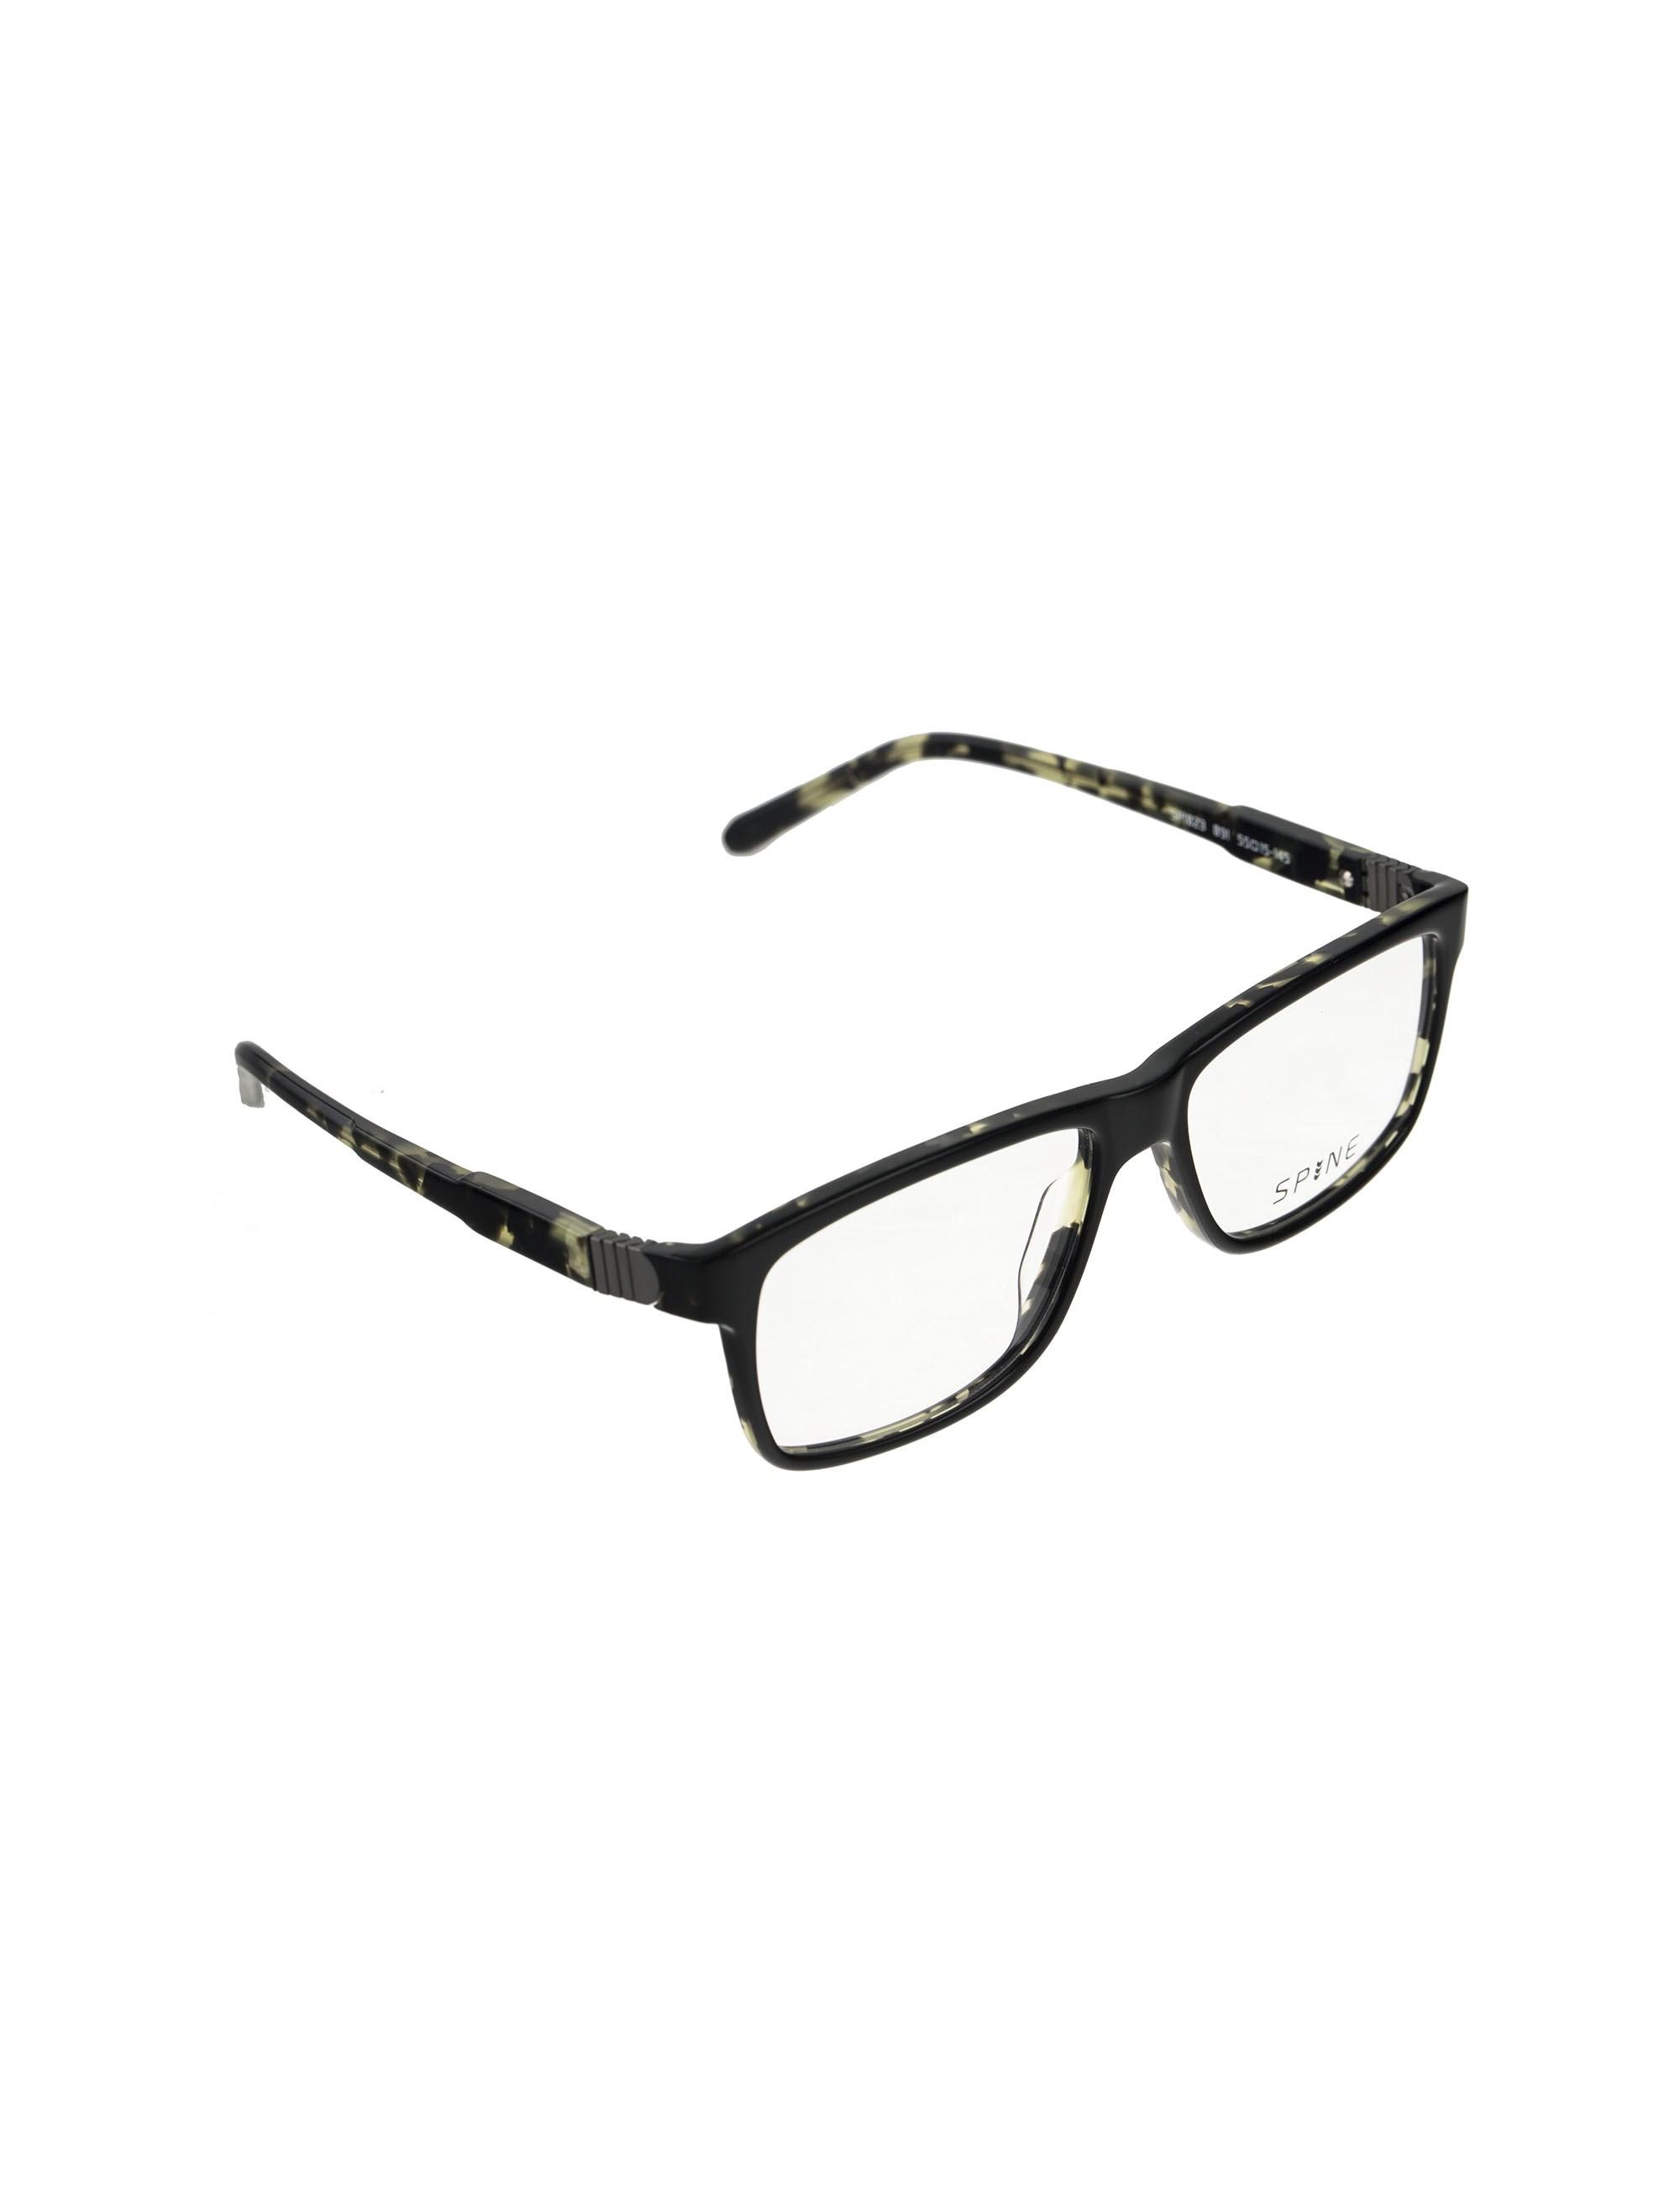 عینک طبی ویفرر زنانه - مشکي - 2